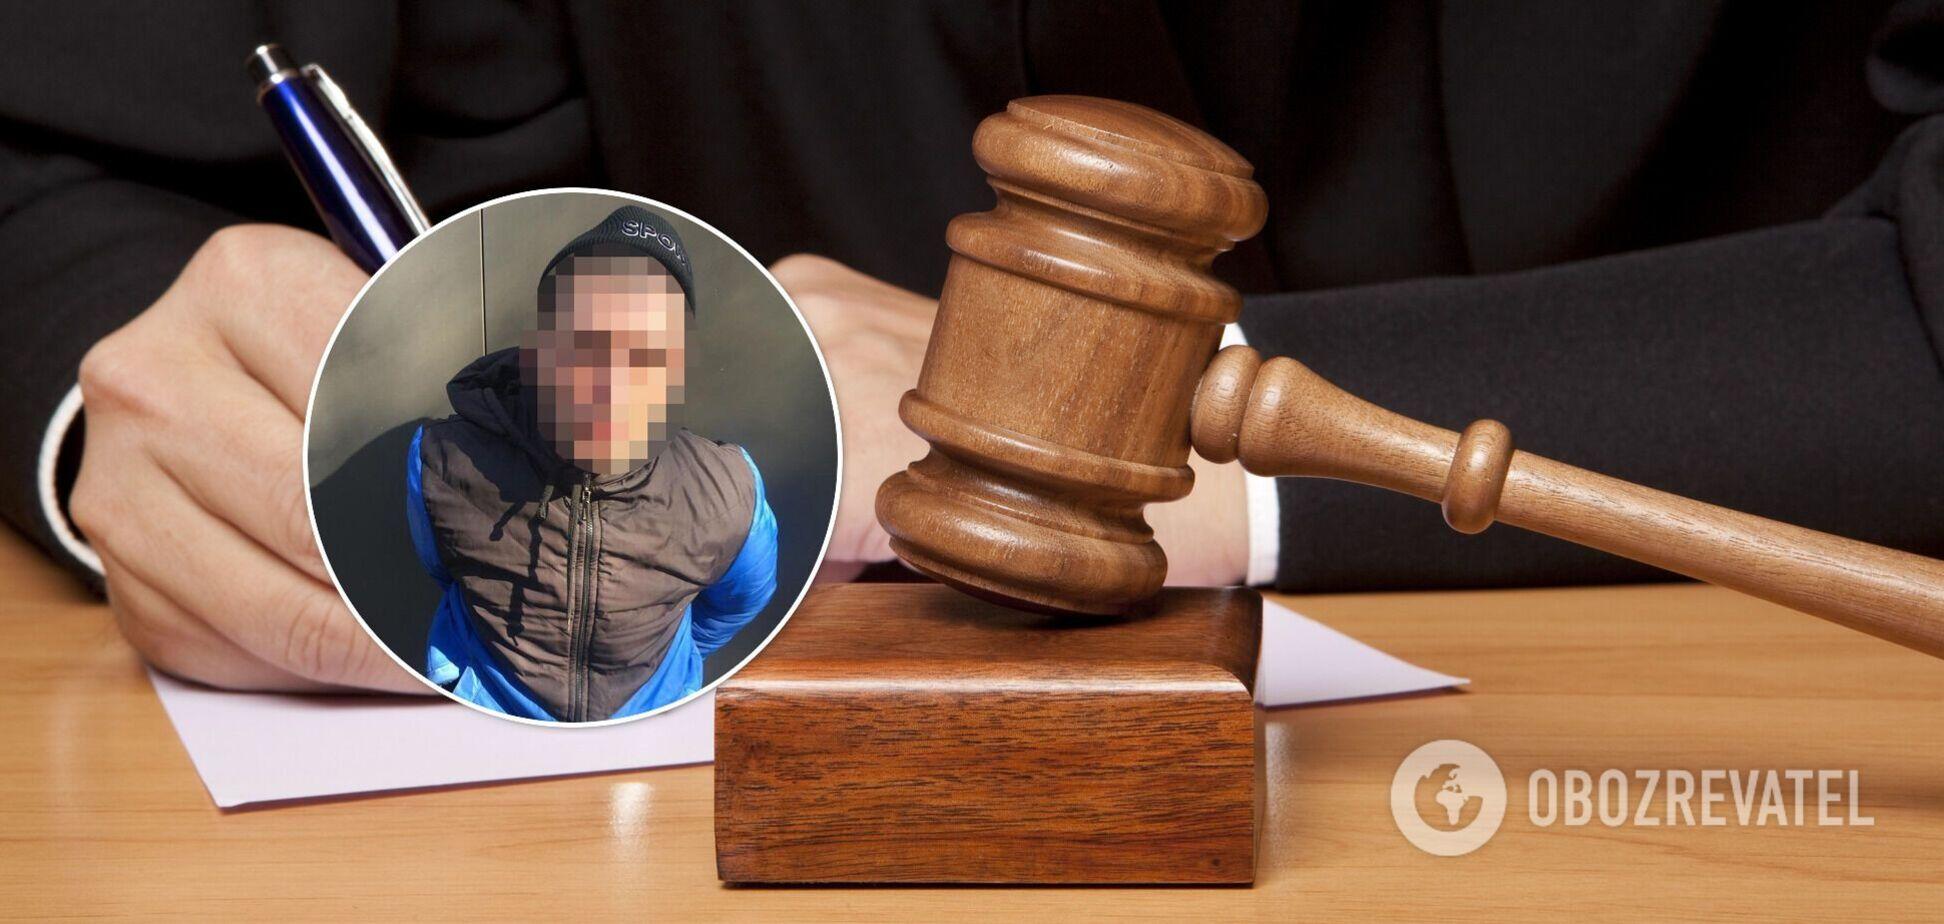 Мужчина ранее был осужден за кражу